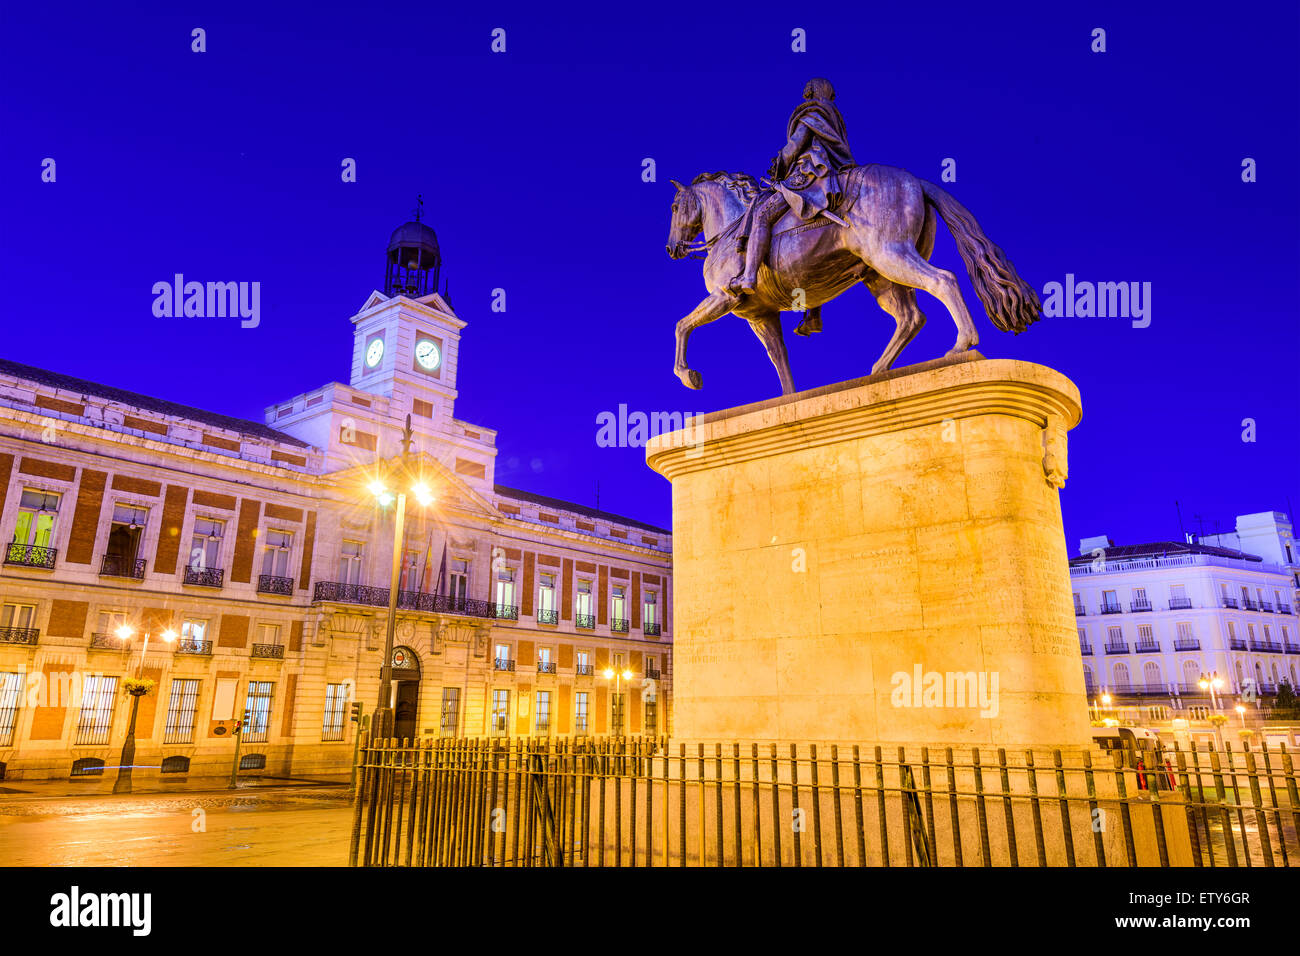 Madrid, Spagna a Puerta del Sol. Immagini Stock